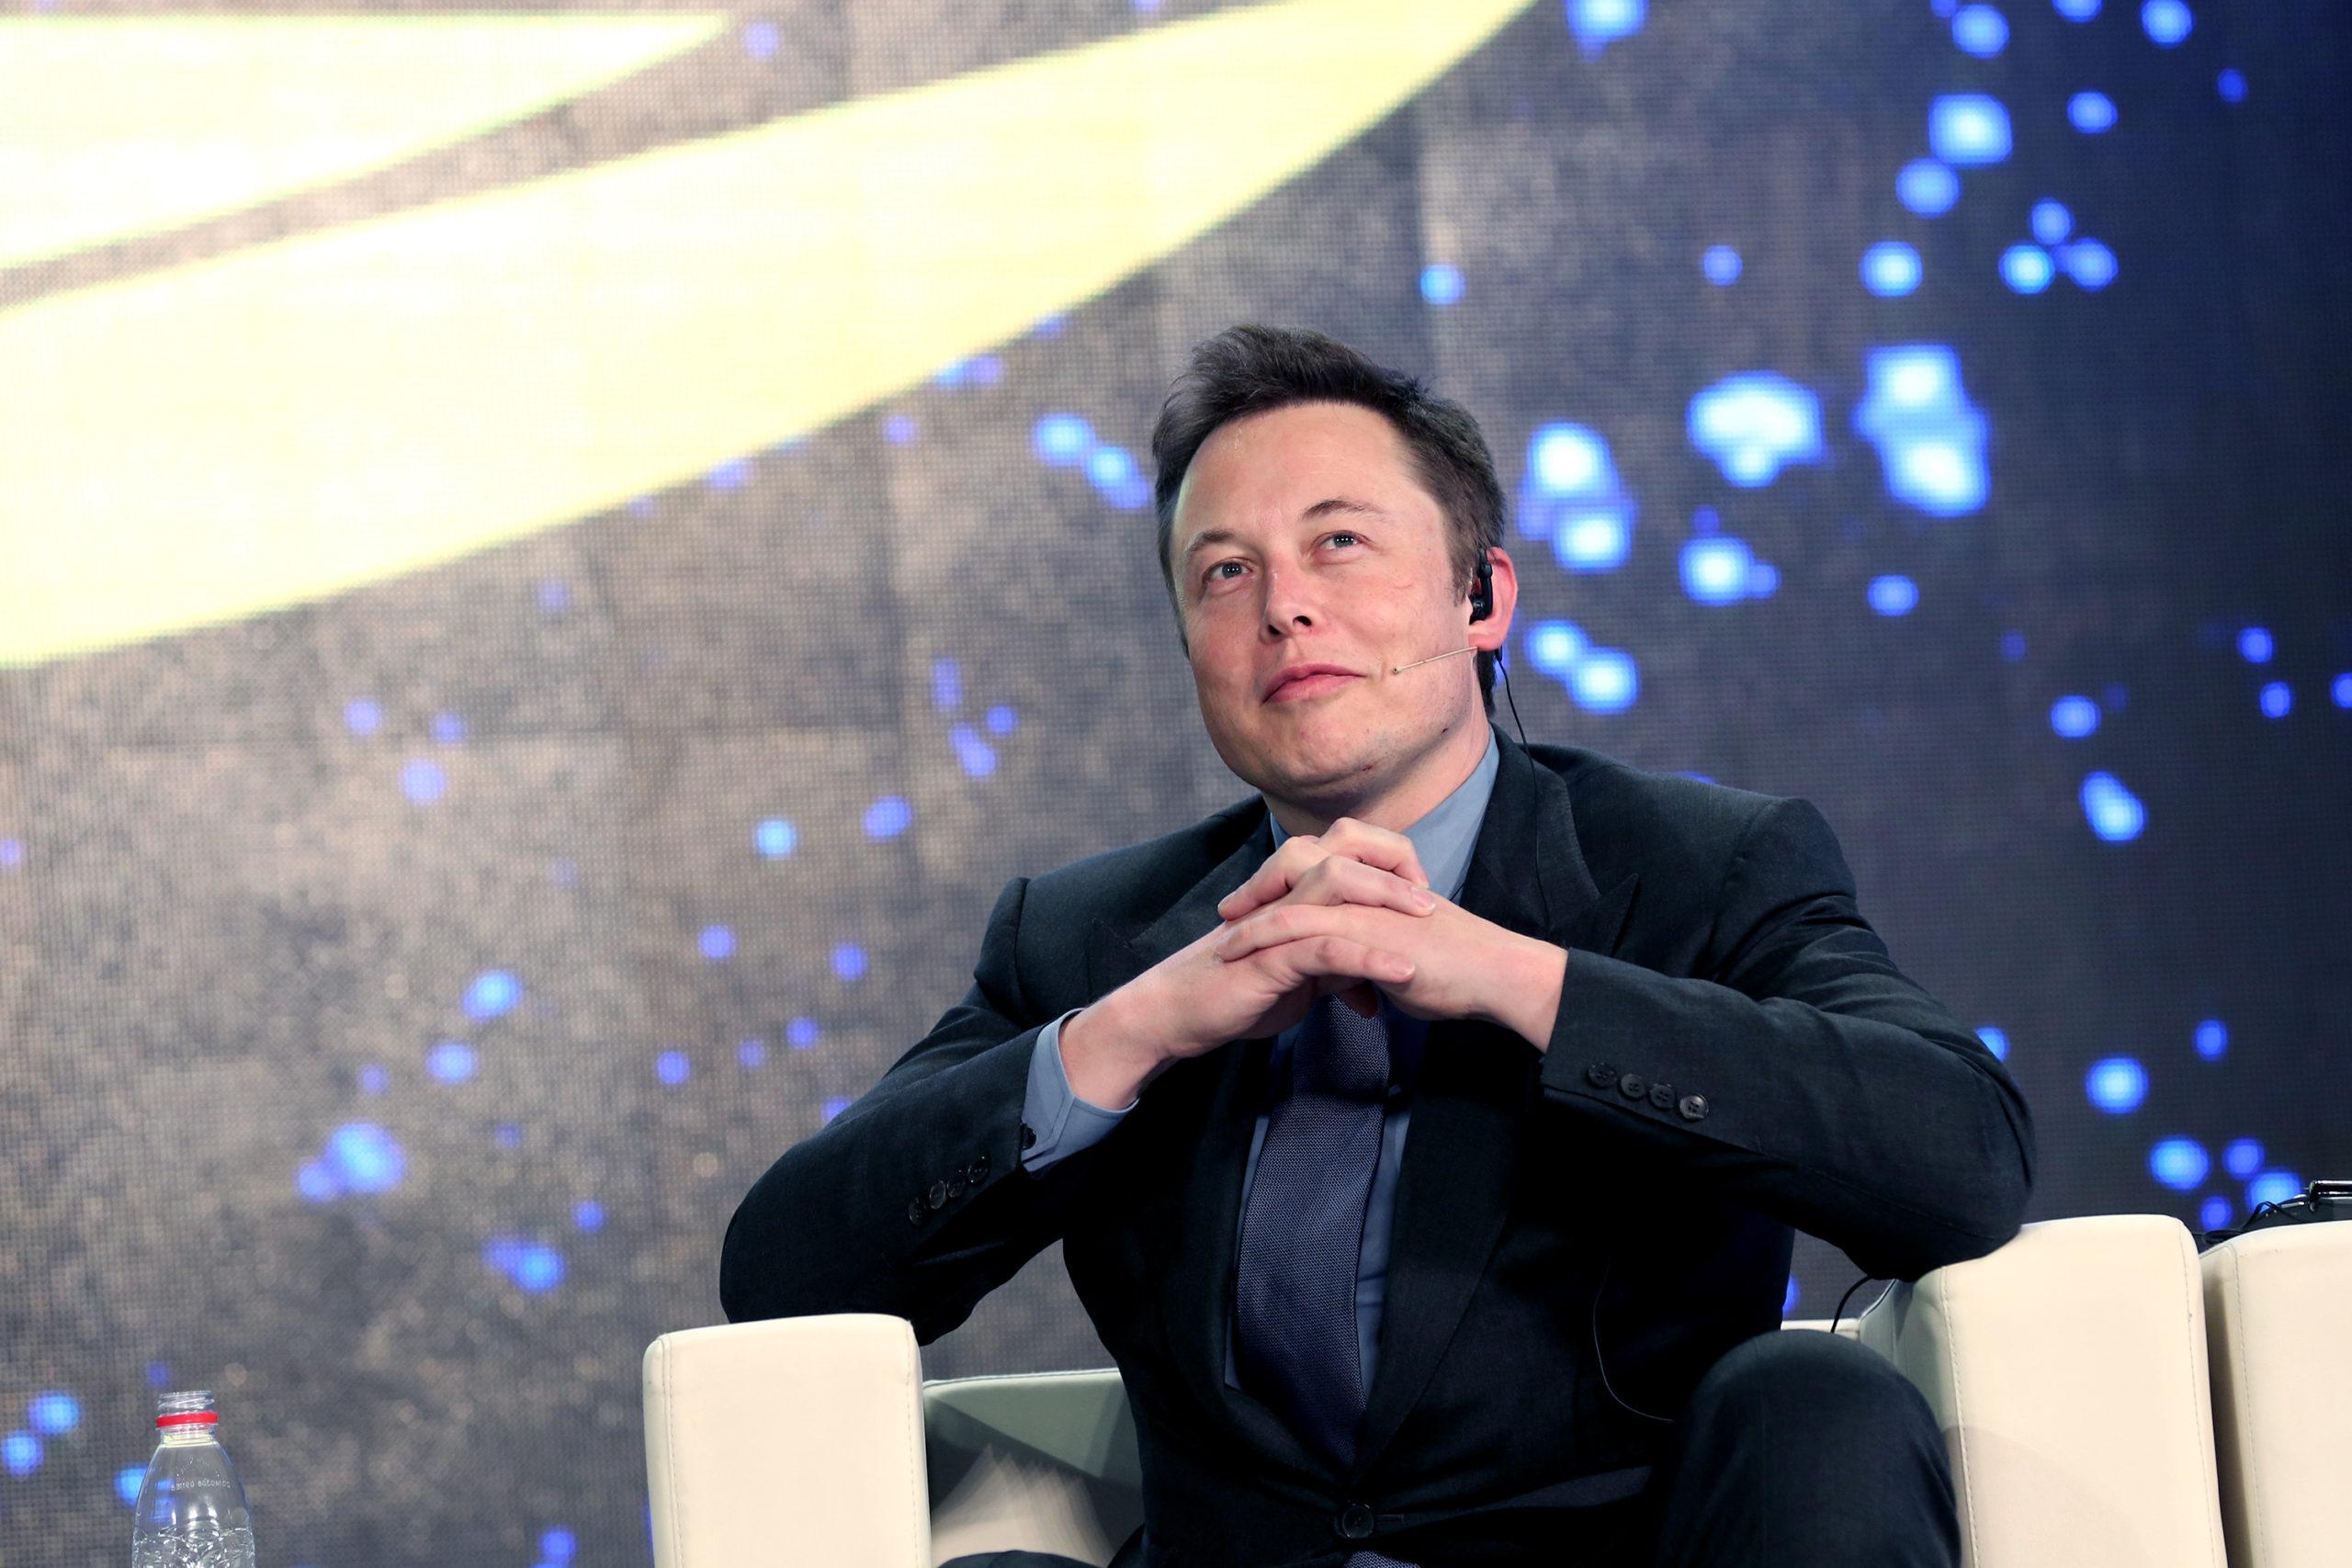 El sueño de Elon Musk: colonizar Marte (y para lograrlo vende todas sus propiedades)